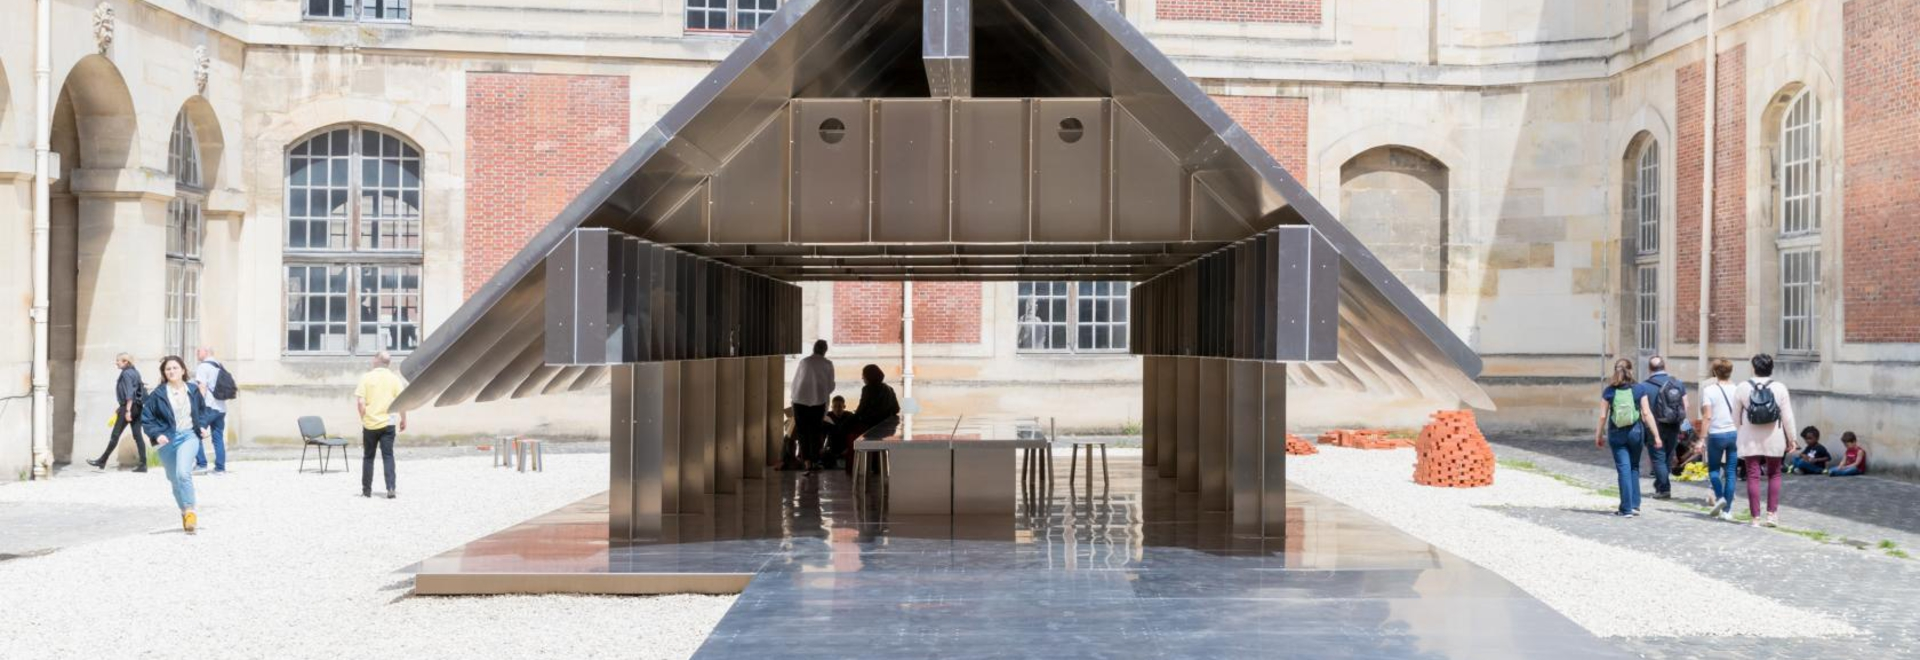 MOS Studio entwirft semi-permanenten Bildungspavillon in Versaille